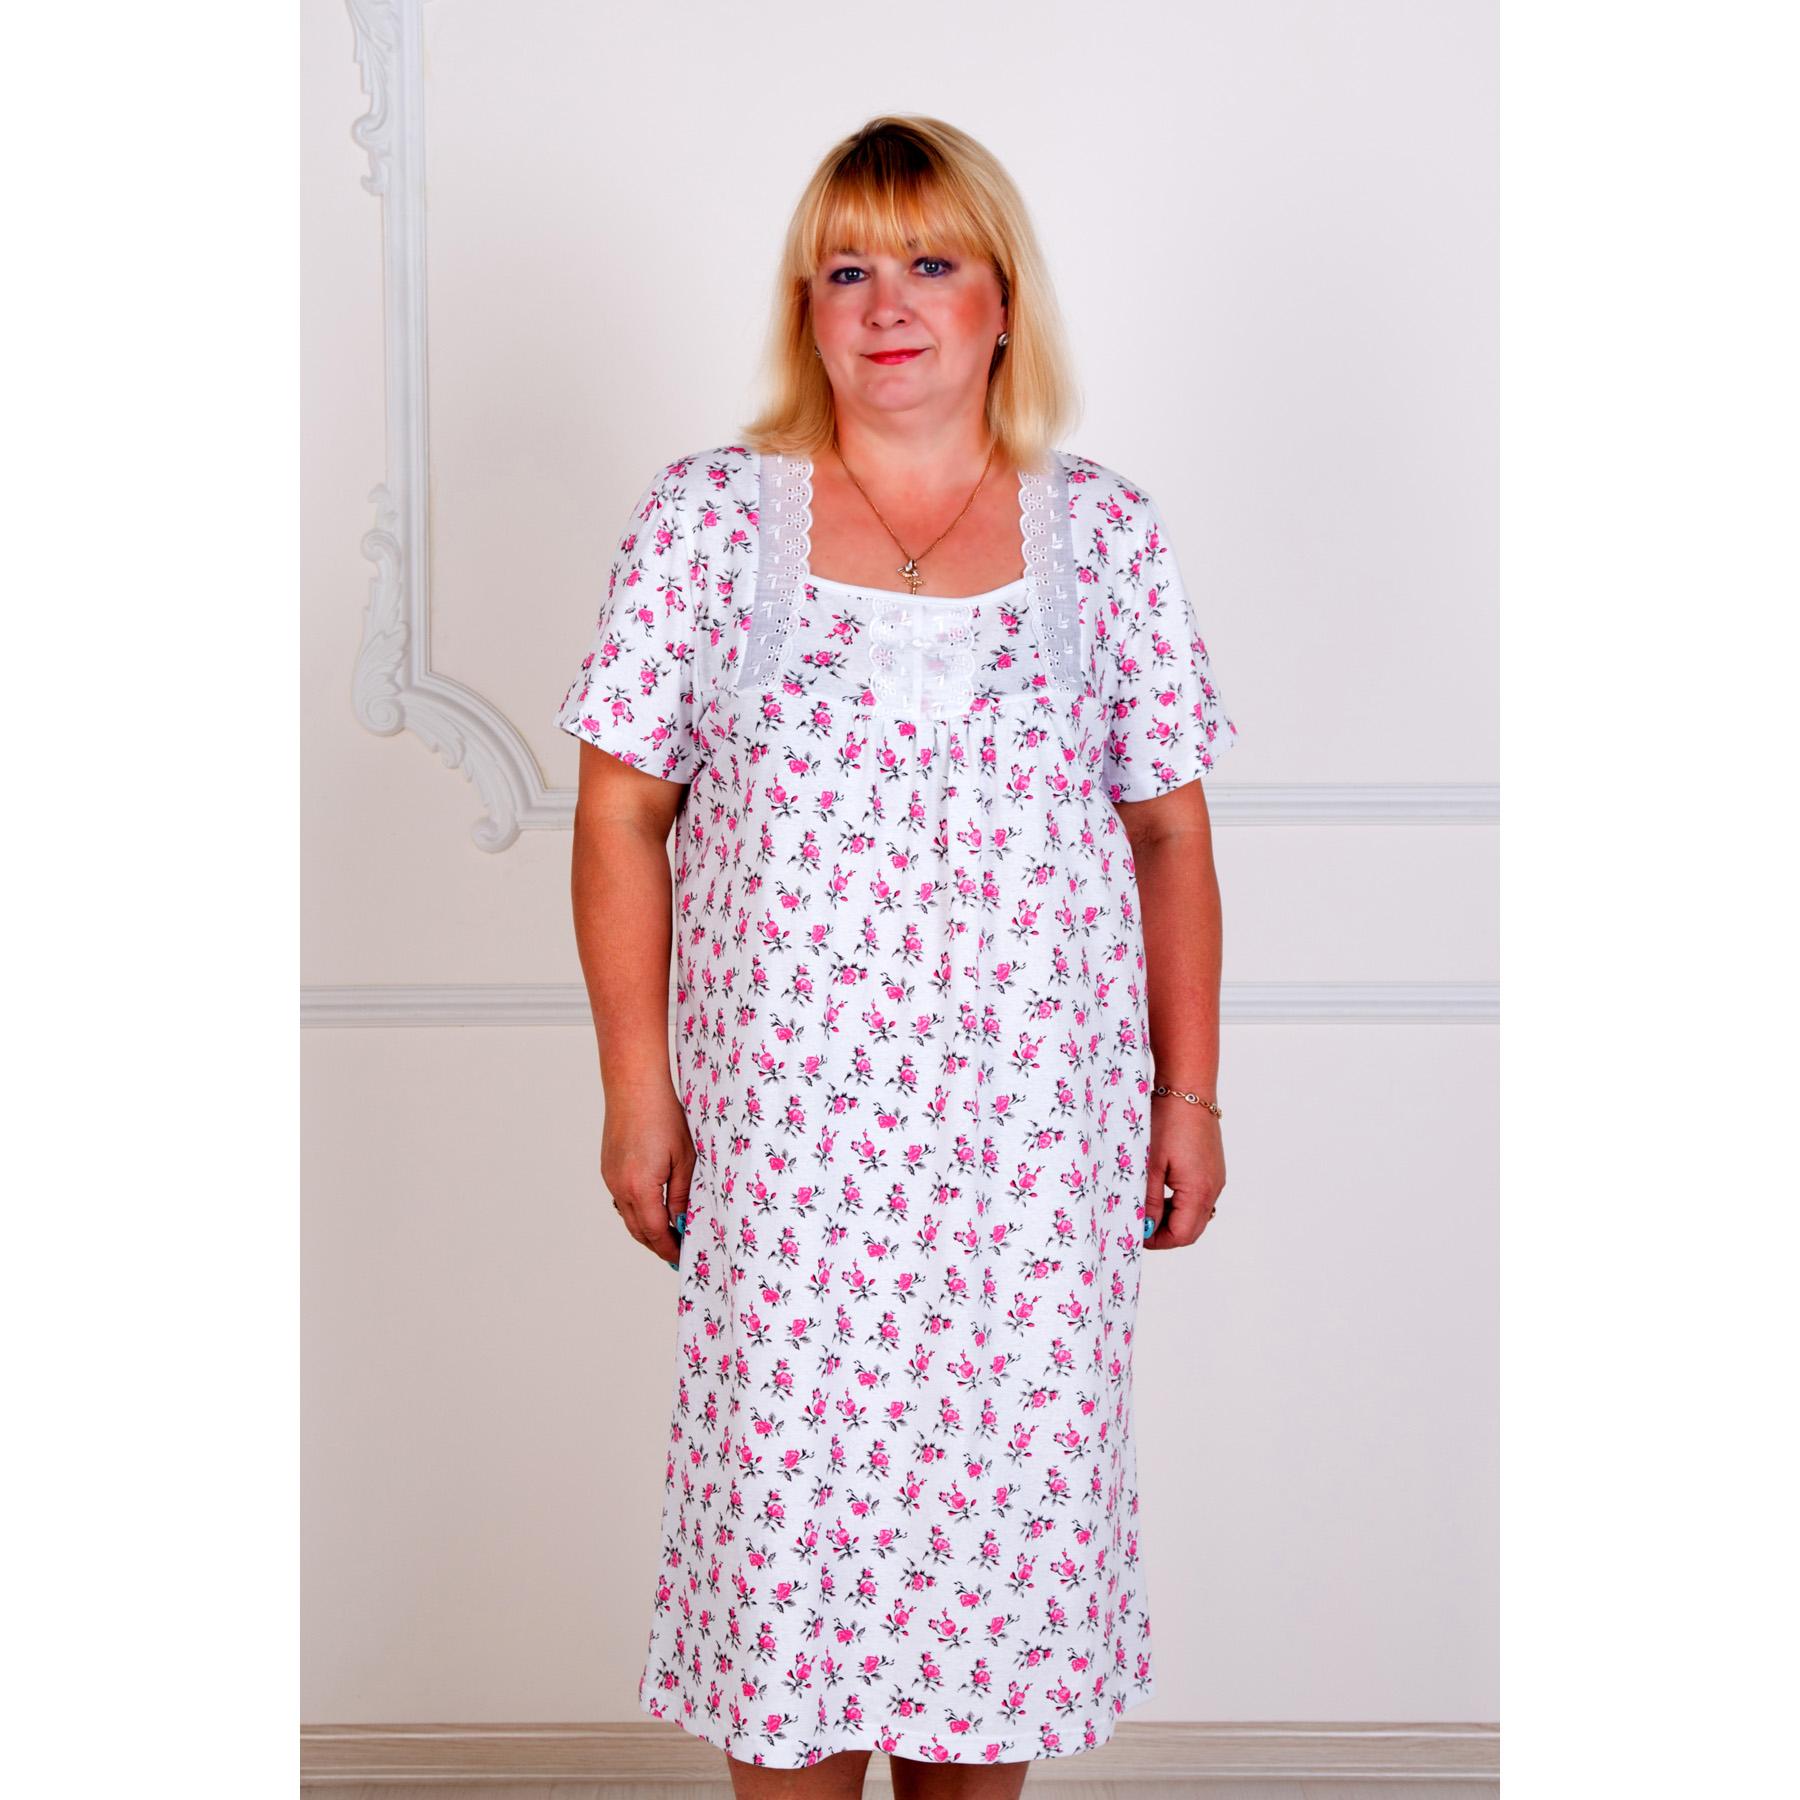 Женская сорочка Маргарита арт. 0083, размер 52Пижамы и ночные сорочки<br>Обхват груди:104 см<br>Обхват талии:85 см<br>Обхват бедер:112 см<br>Рост:167 см<br><br>Тип: Жен. сорочка<br>Размер: 52<br>Материал: Кулирка